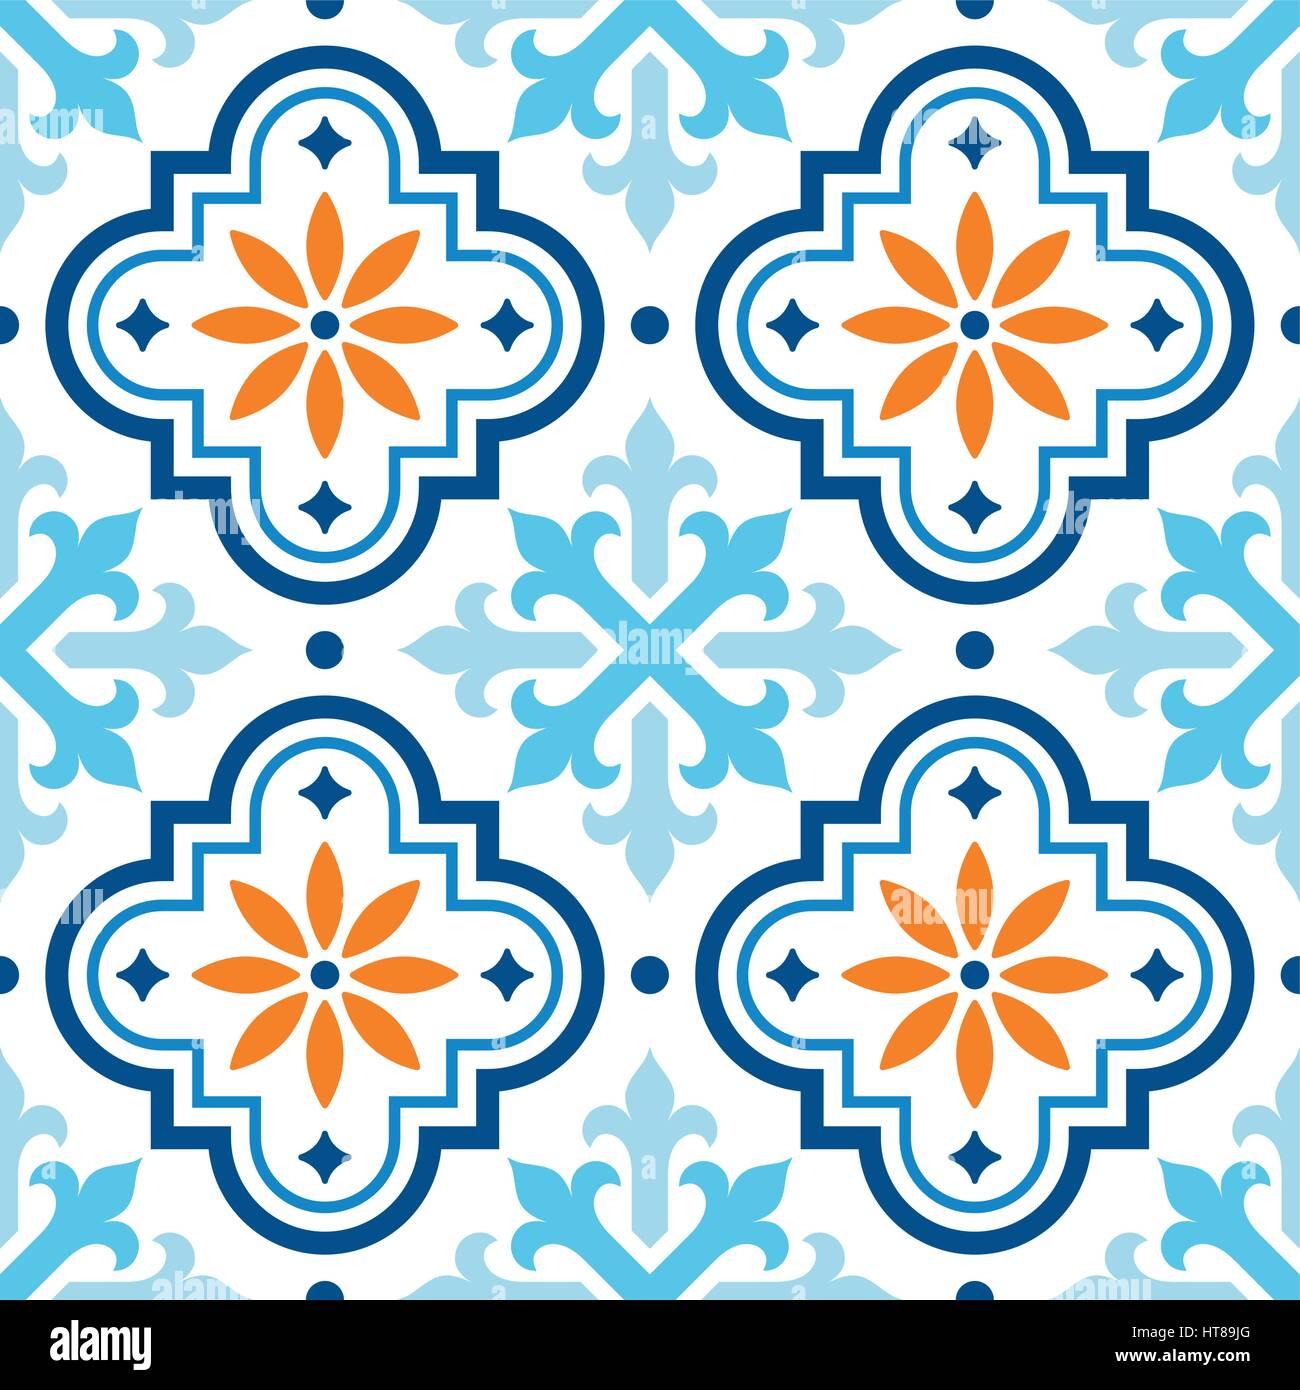 Spanische Fliese Muster, marokkanischen Fliesen Design, nahtlose ...